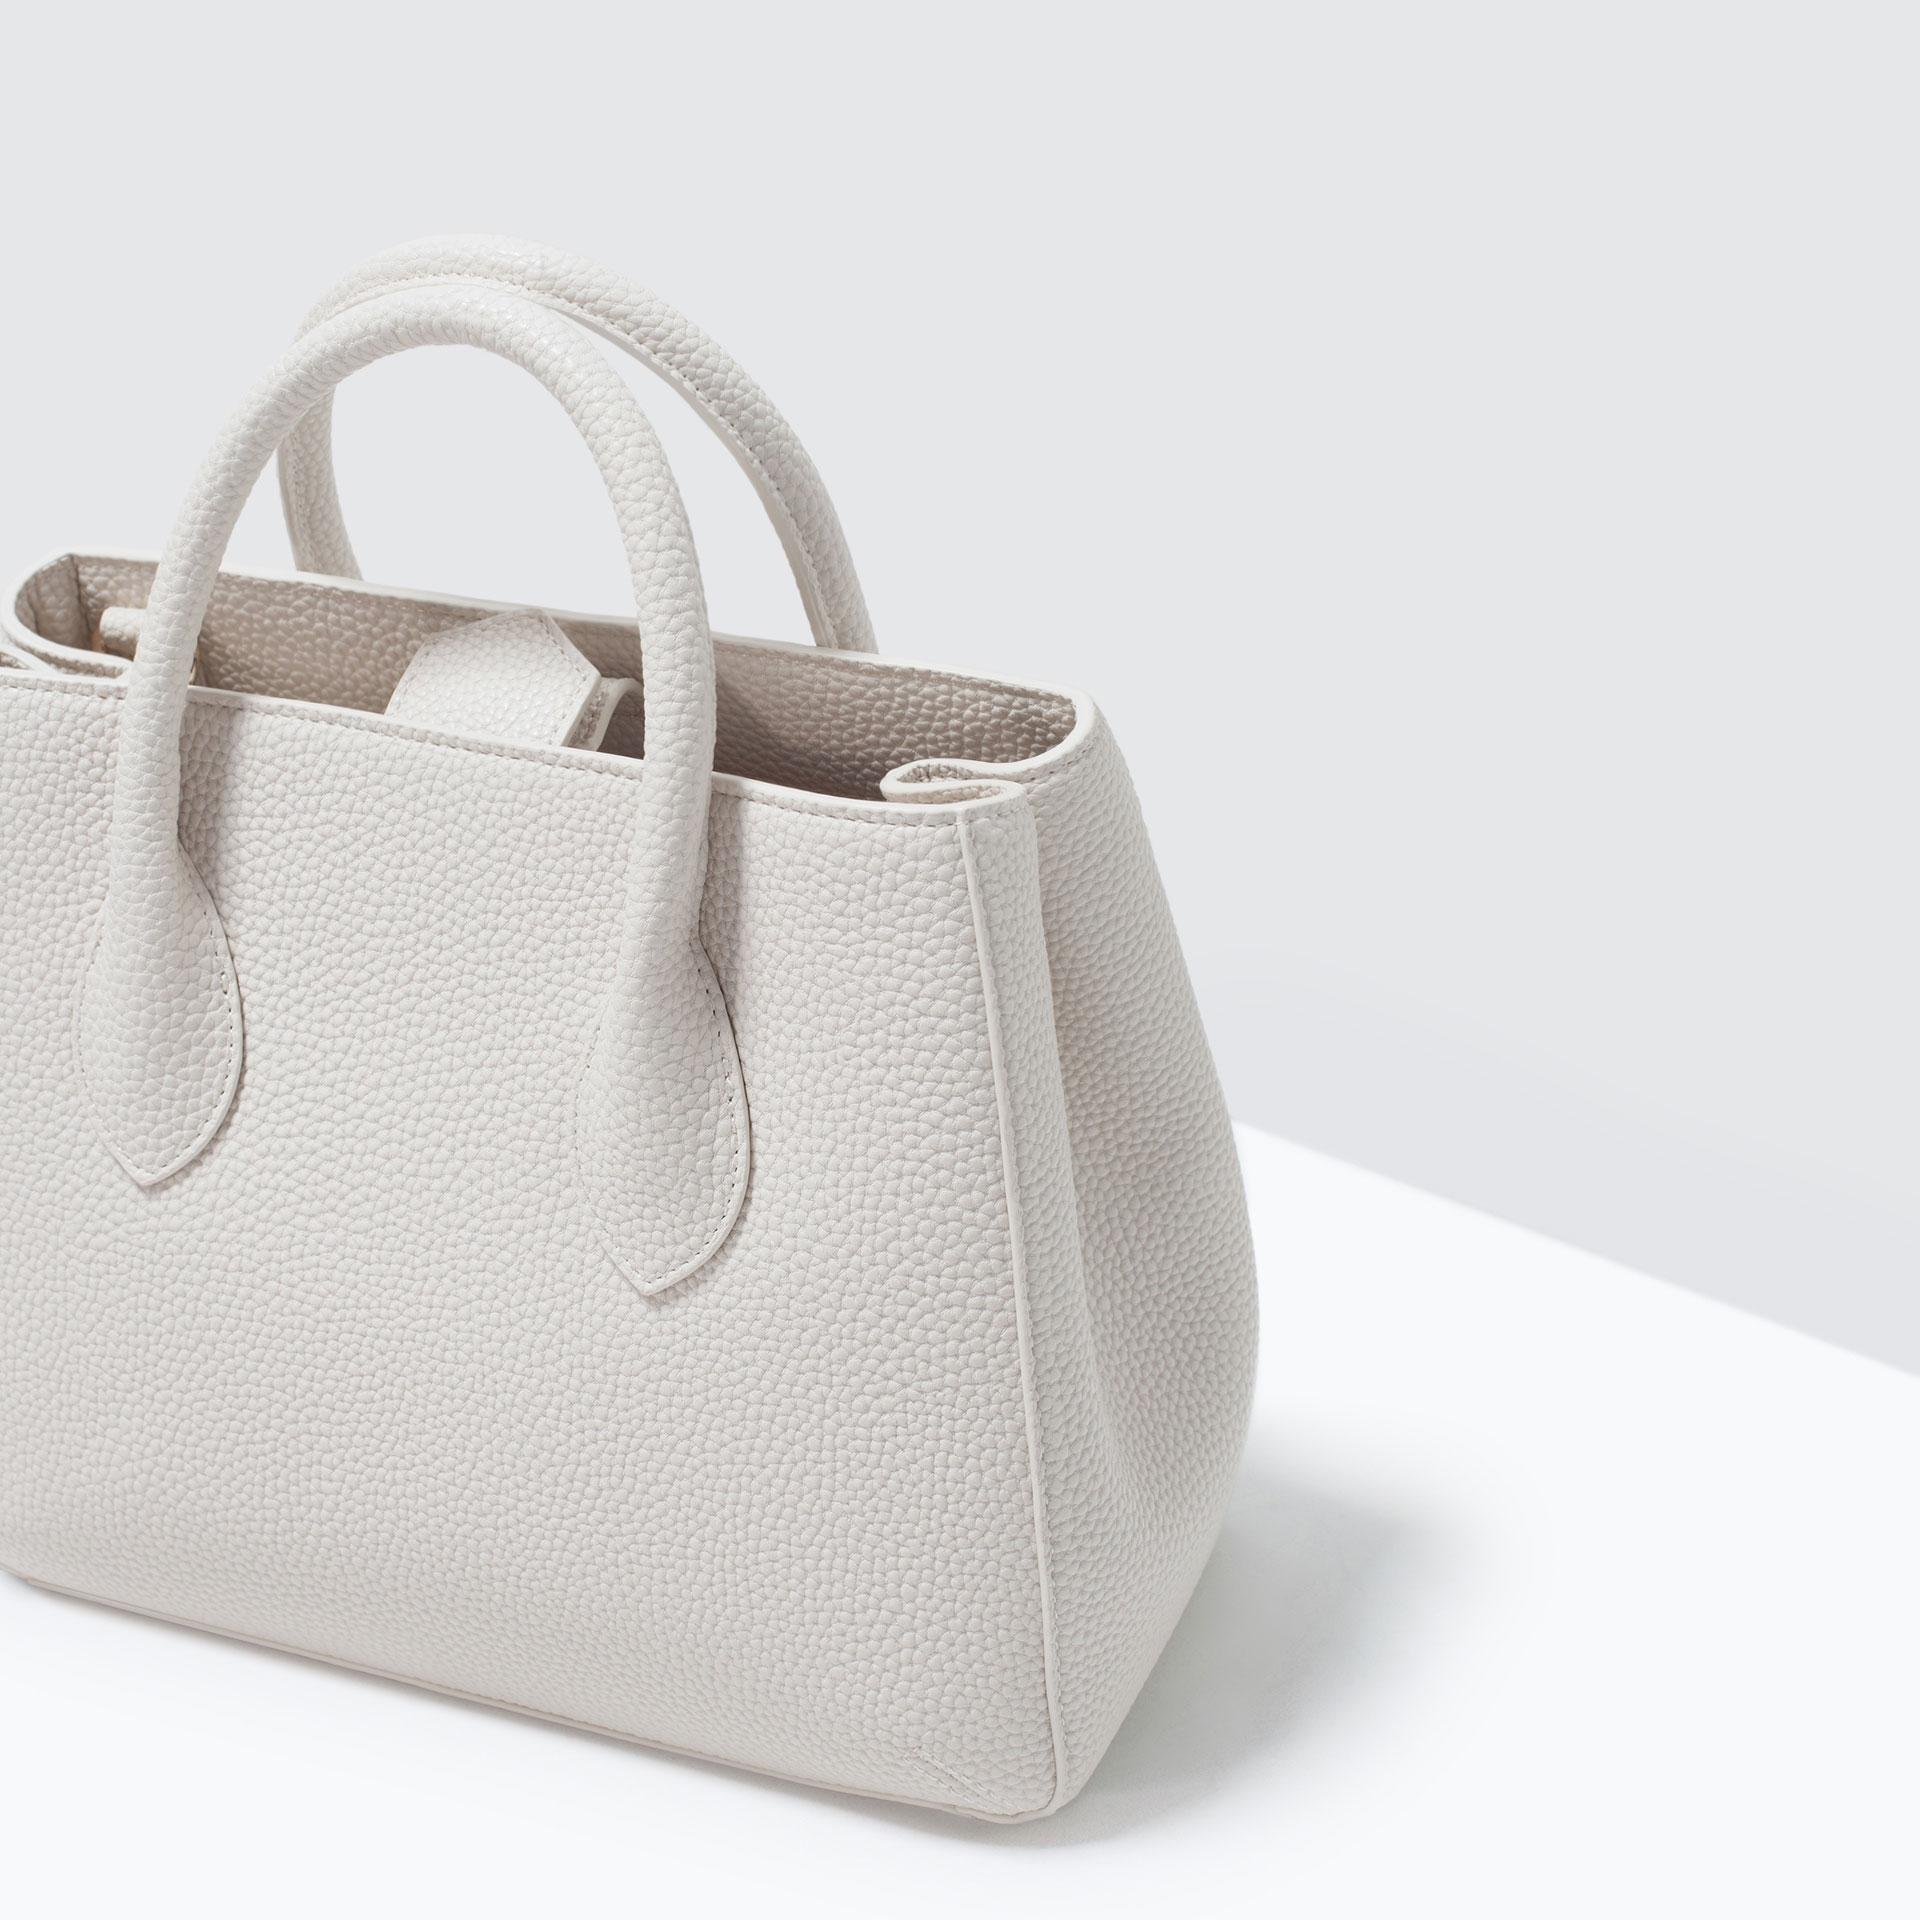 ZARA Mini City Bag White 4299/004 - Buy online at lowest price in